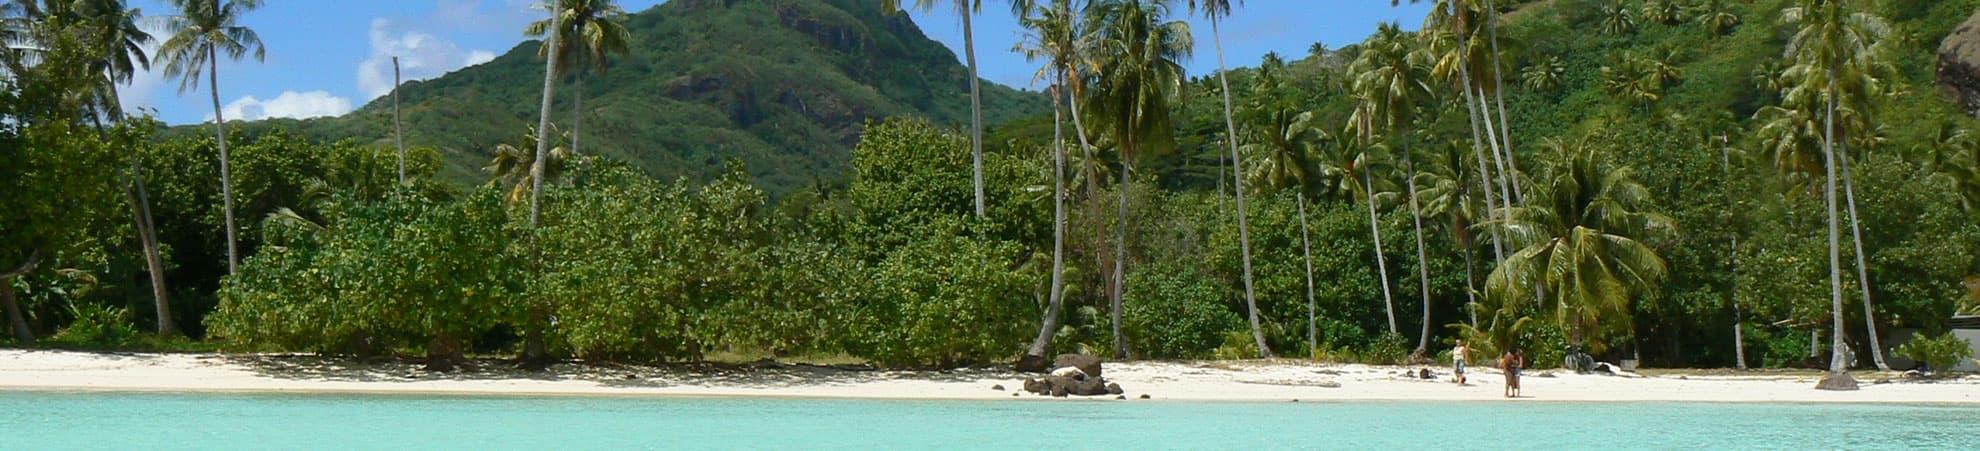 Voyage L'archipel des Marquises